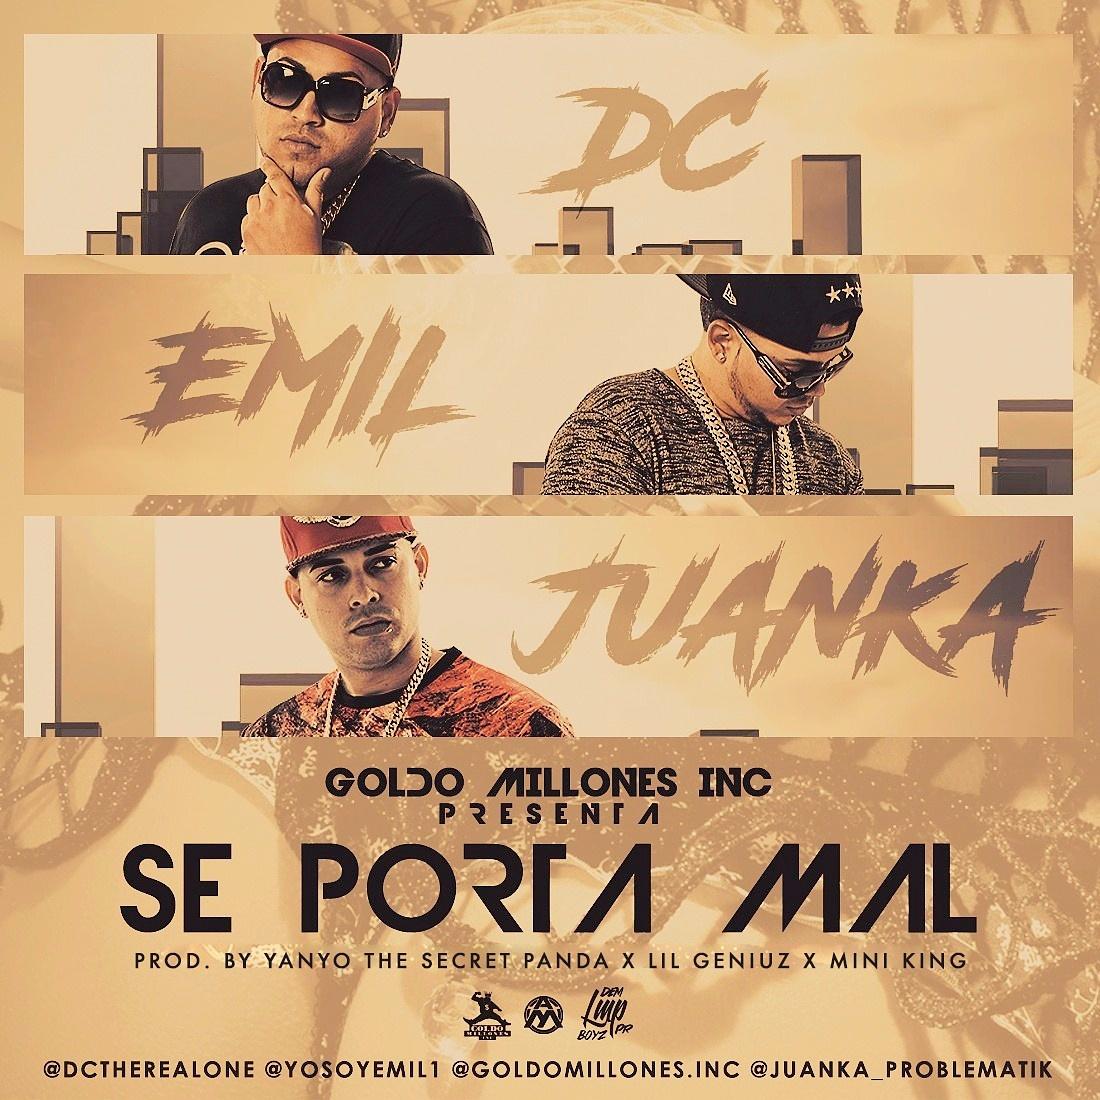 1471970636 337223 1471970670 noticia normal 1 1 - DC y Emil presentarán su nueva cancion junto a Juanka El Problematik